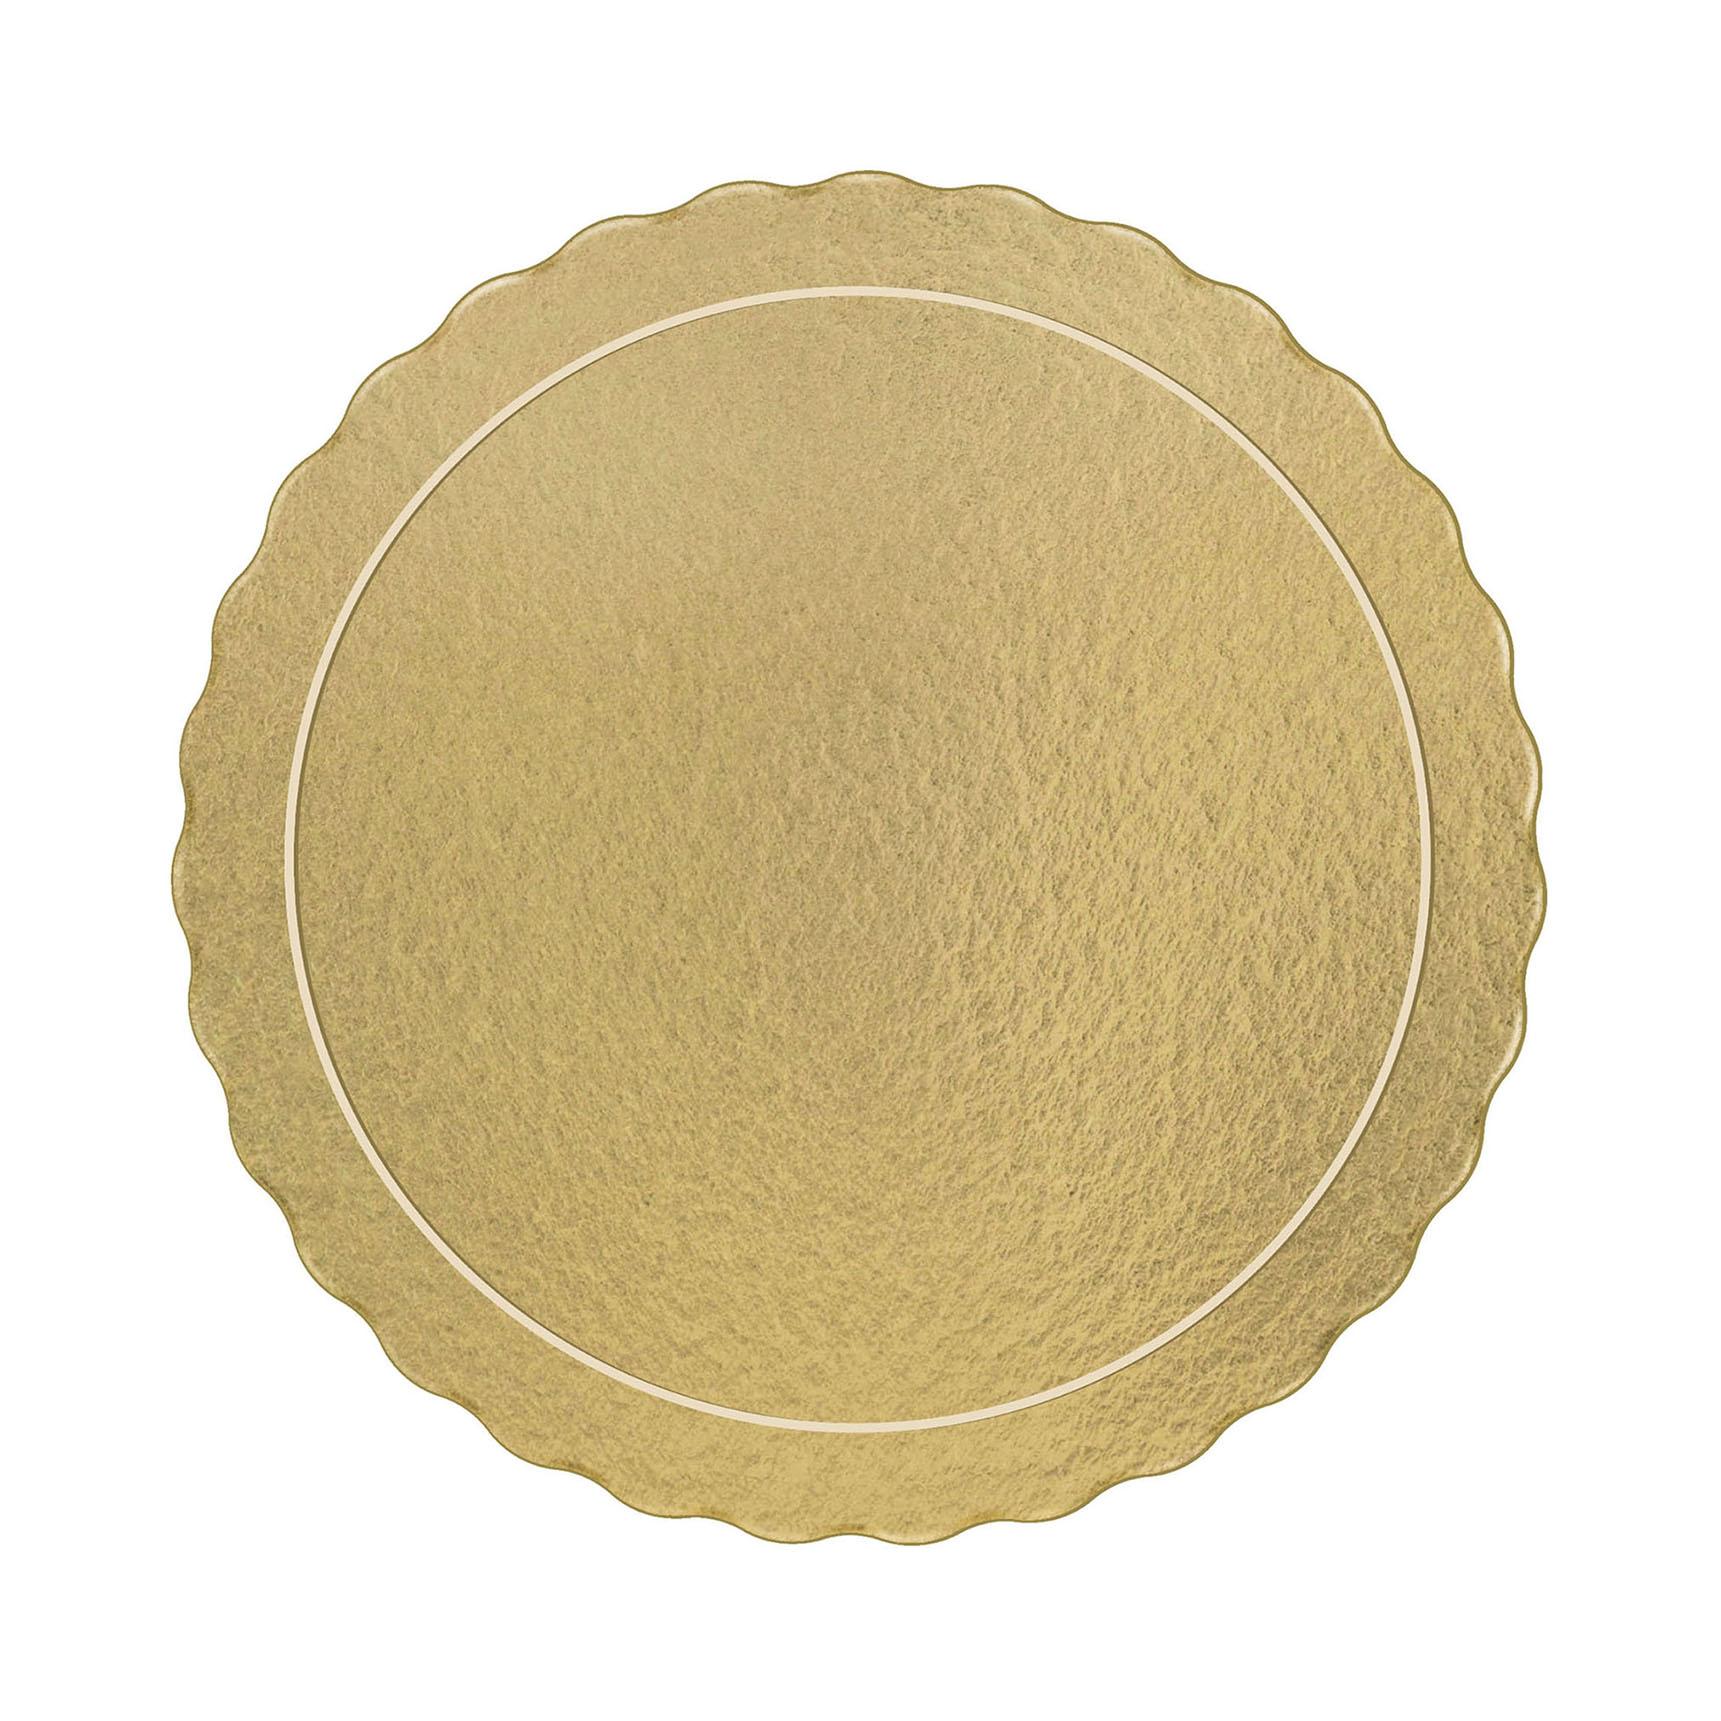 Kit 50 Bases Laminadas Para Bolo, Cake Board, 20 e 28cm - Ouro